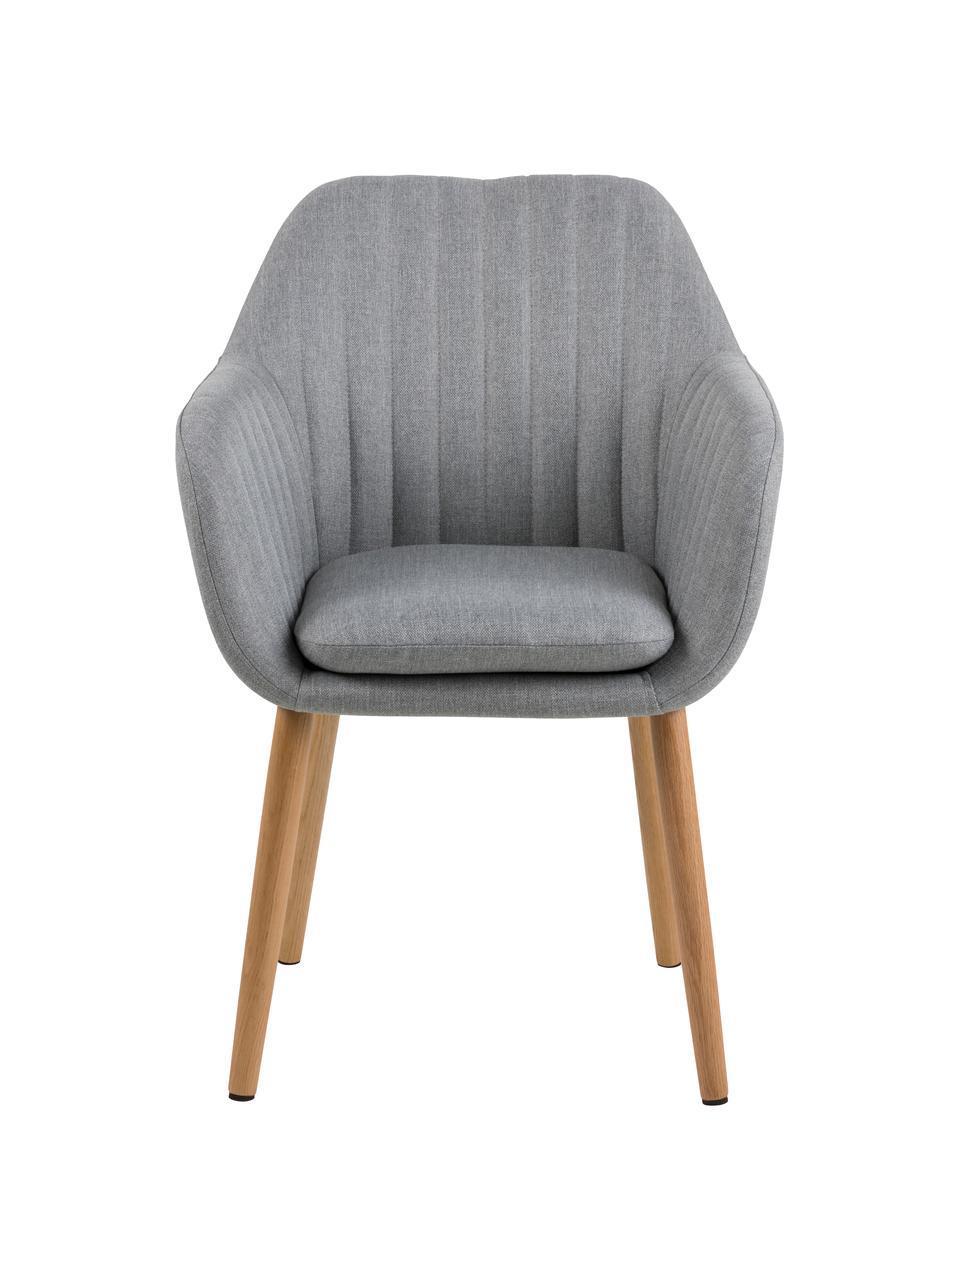 Krzesło z aksamitu z podłokietnikami i drewnianymi nogami Emilia, Tapicerka: aksamit poliestrowy Dzięk, Nogi: drewno dębowe, olejowane, Jasny szary, drewno dębowe, S 57 x G 59 cm